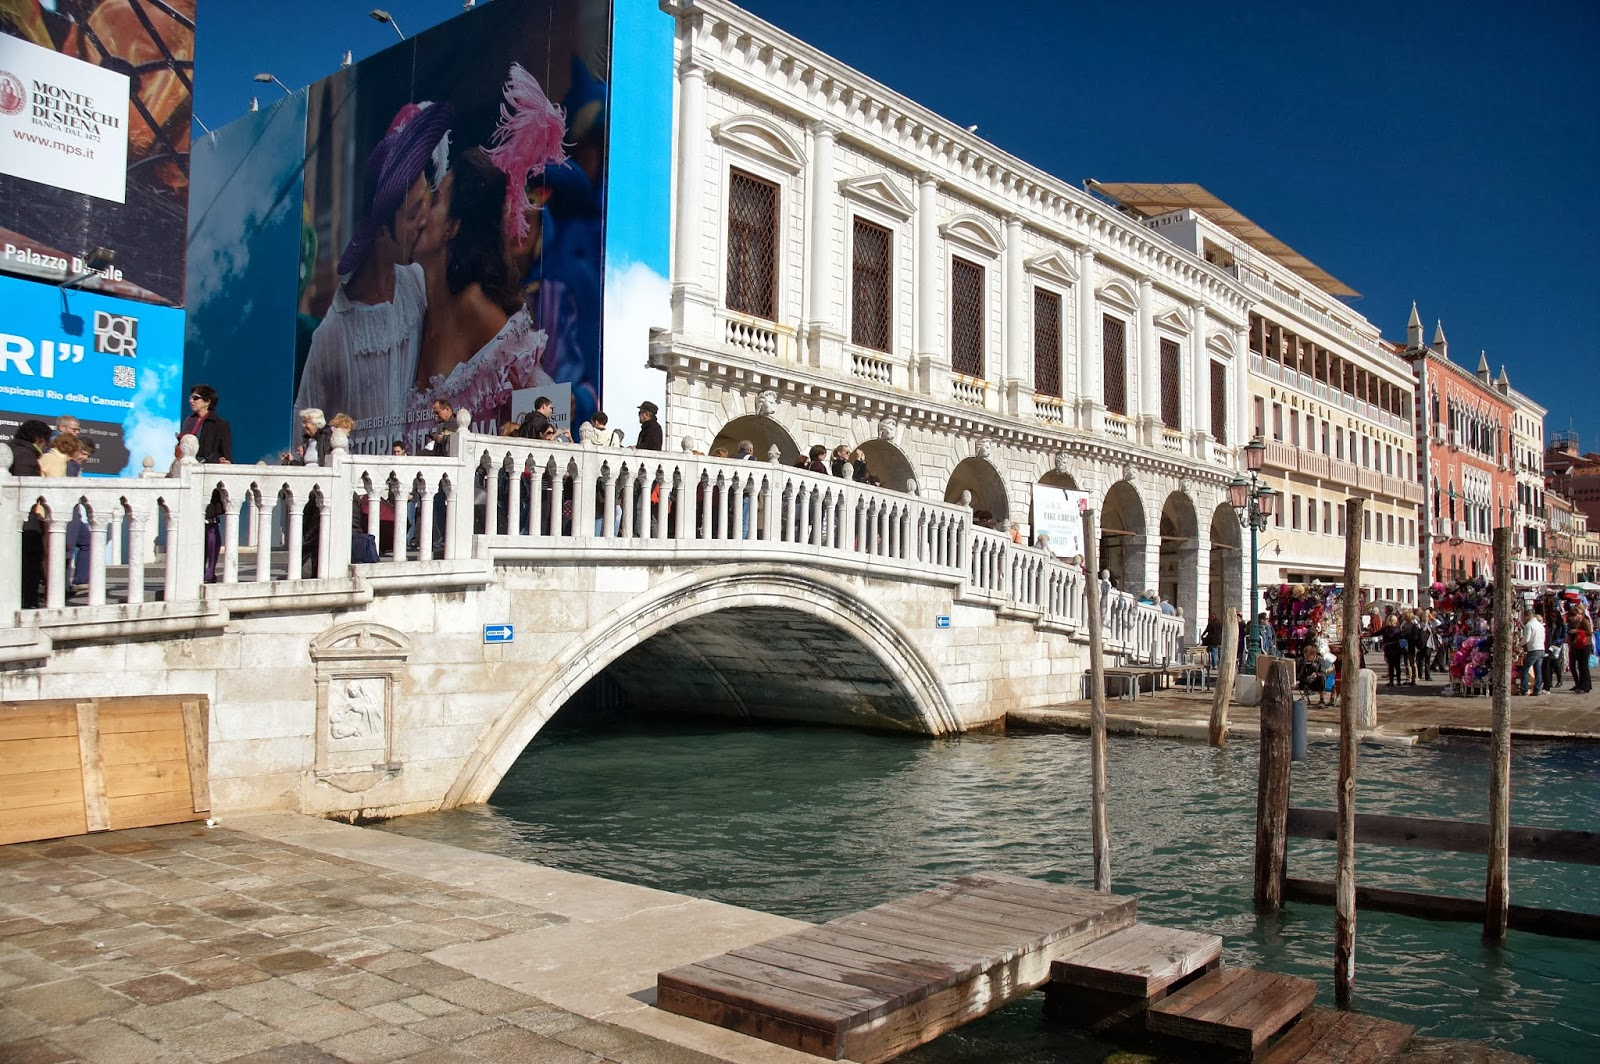 Wenecja co trzeba zobaczyć?